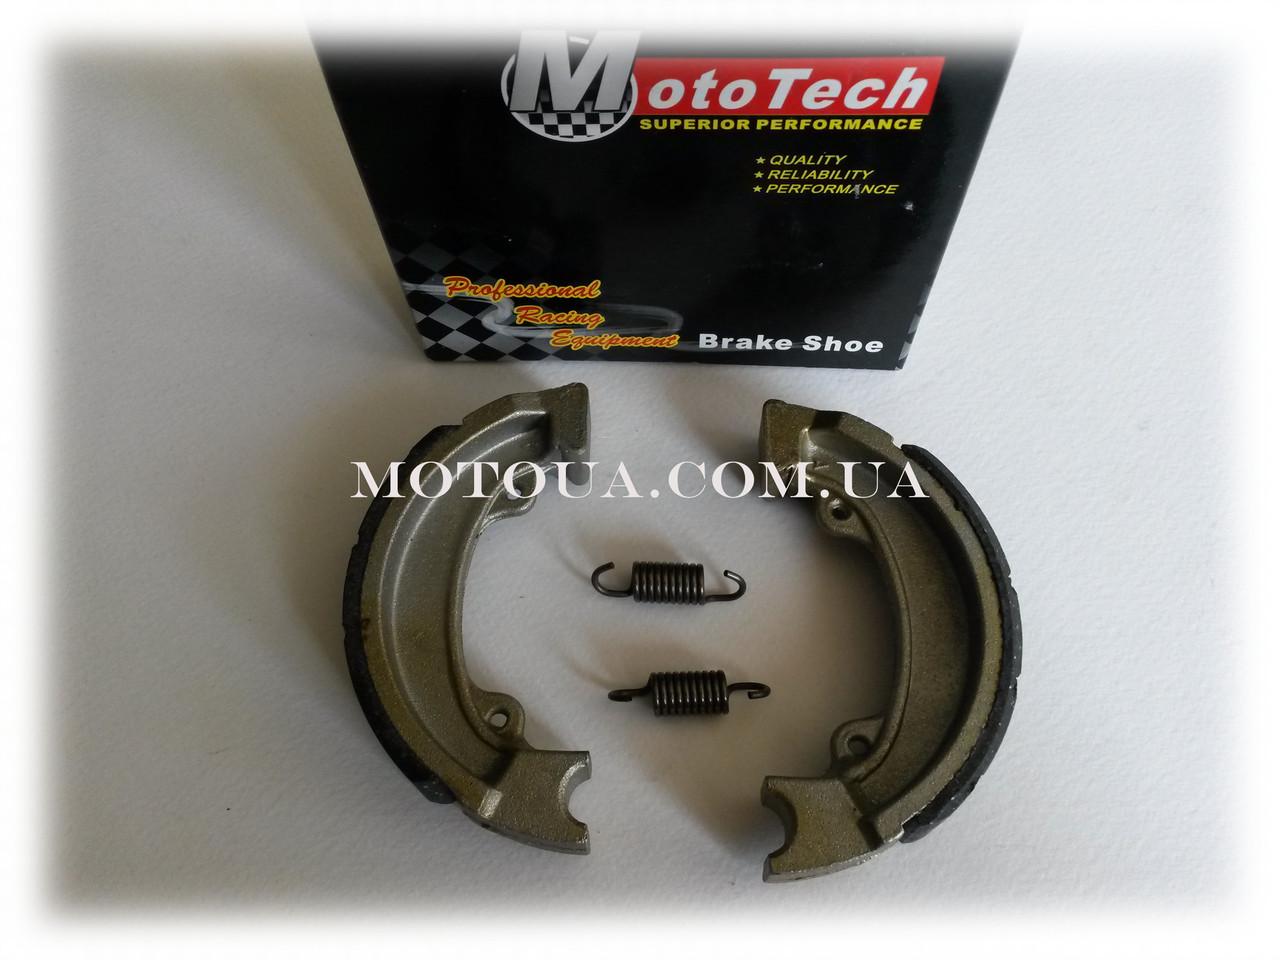 Колодки тормозные задние HONDA DIO-50 91мм Mototech  [100/cs]